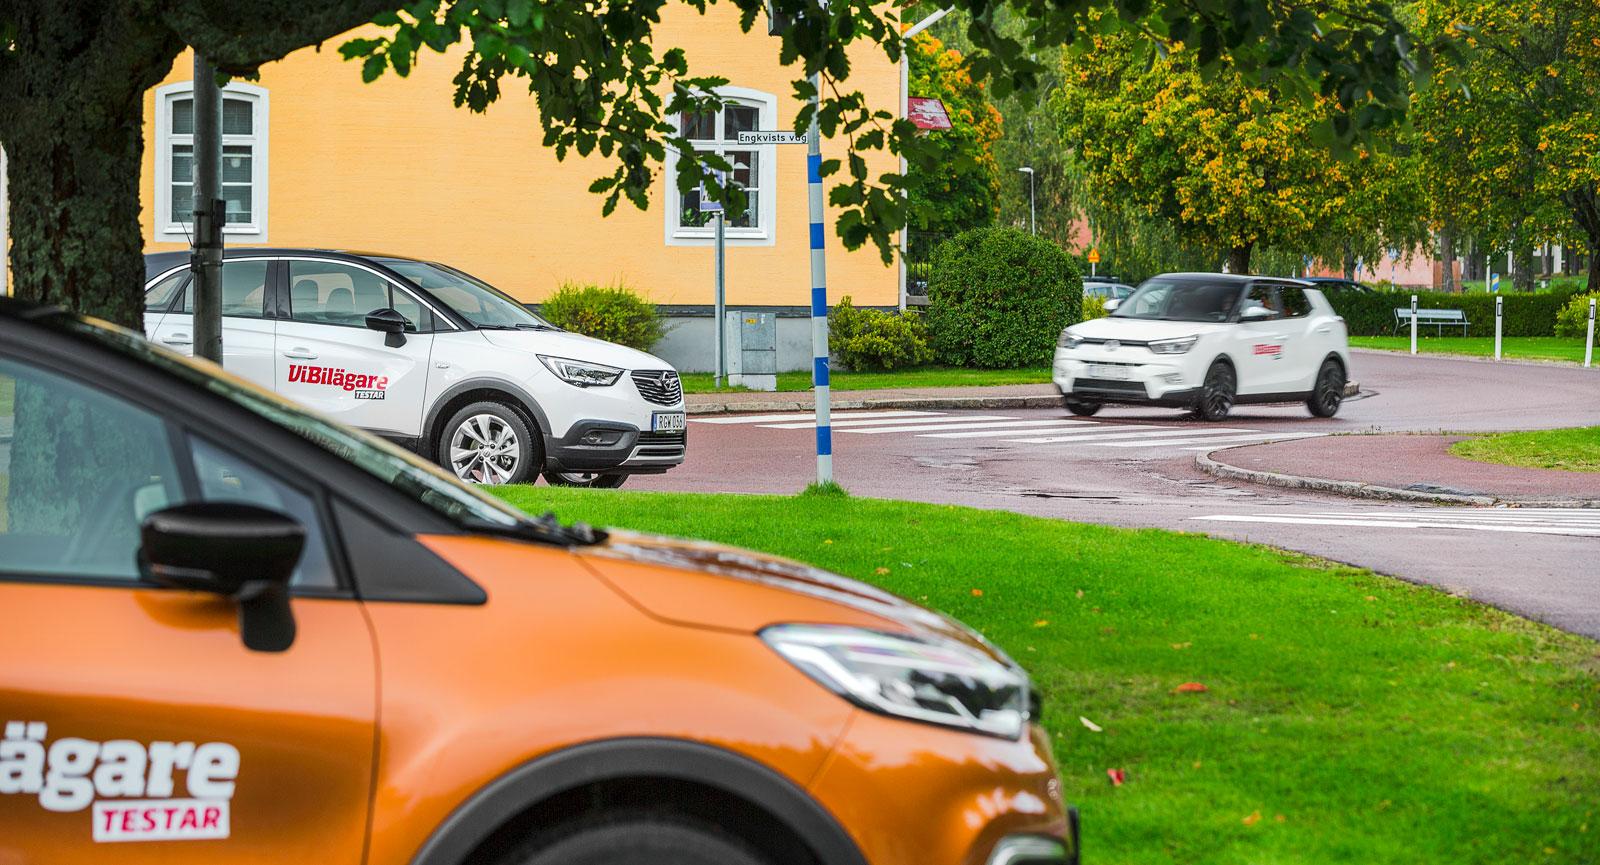 Två vita och en brun. SsangYong, Opel och Renault samlade för att göra upp om vilken som är den bästa kompakta crossovern.